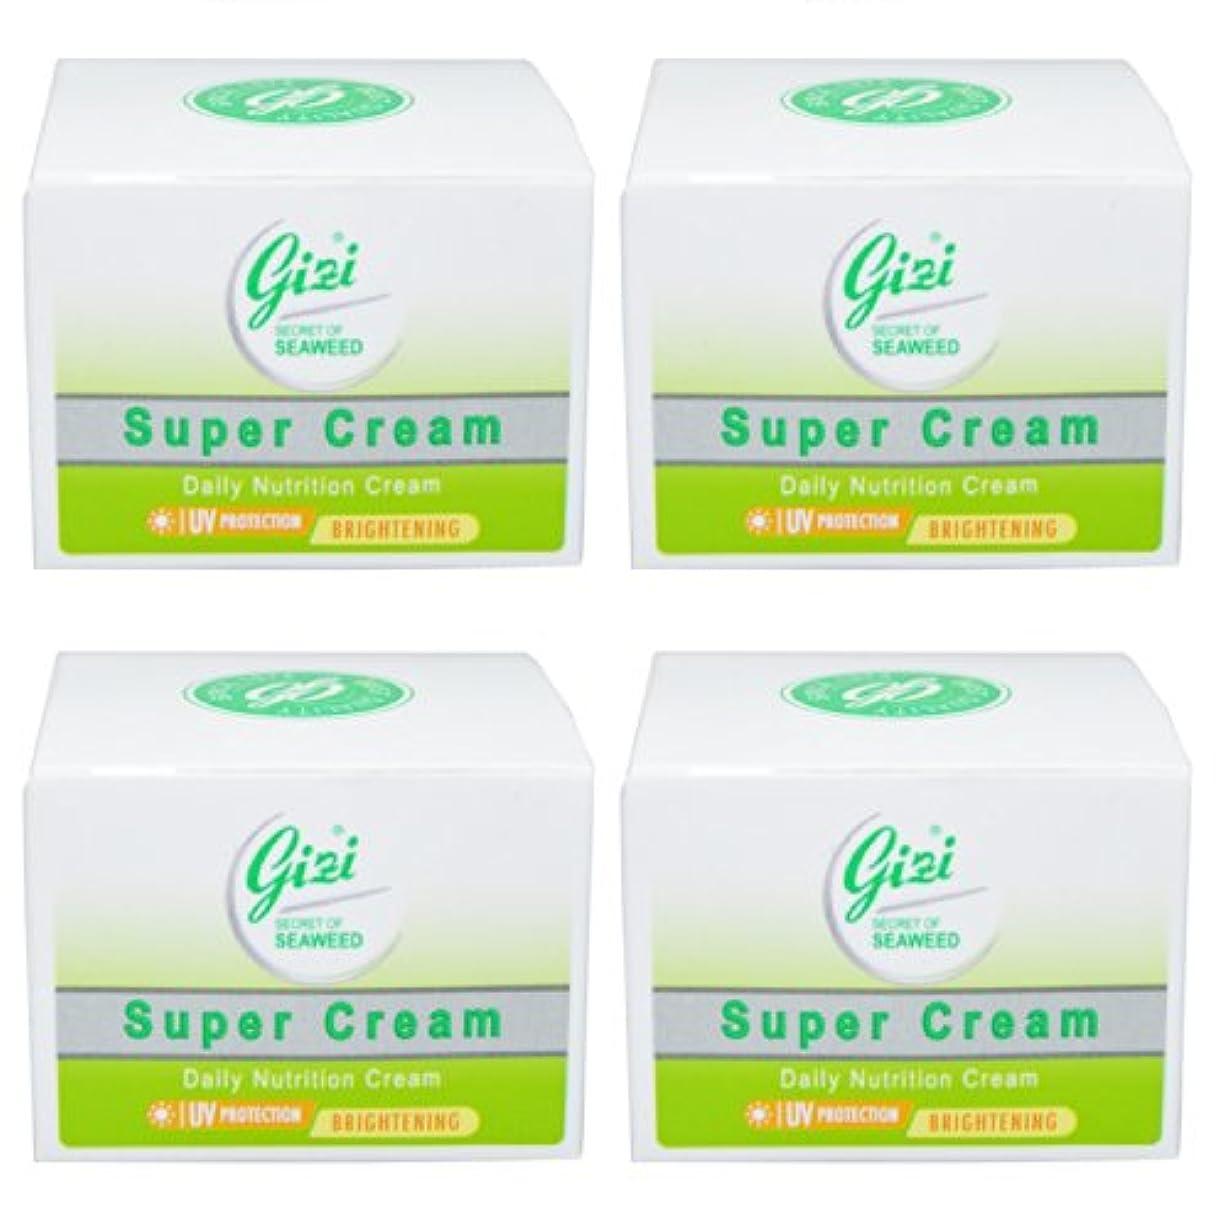 行その間安全でないGIZI Super Cream(ギジ スーパークリーム)フェイスクリーム9g 4個セット[並行輸入品][海外直送品]